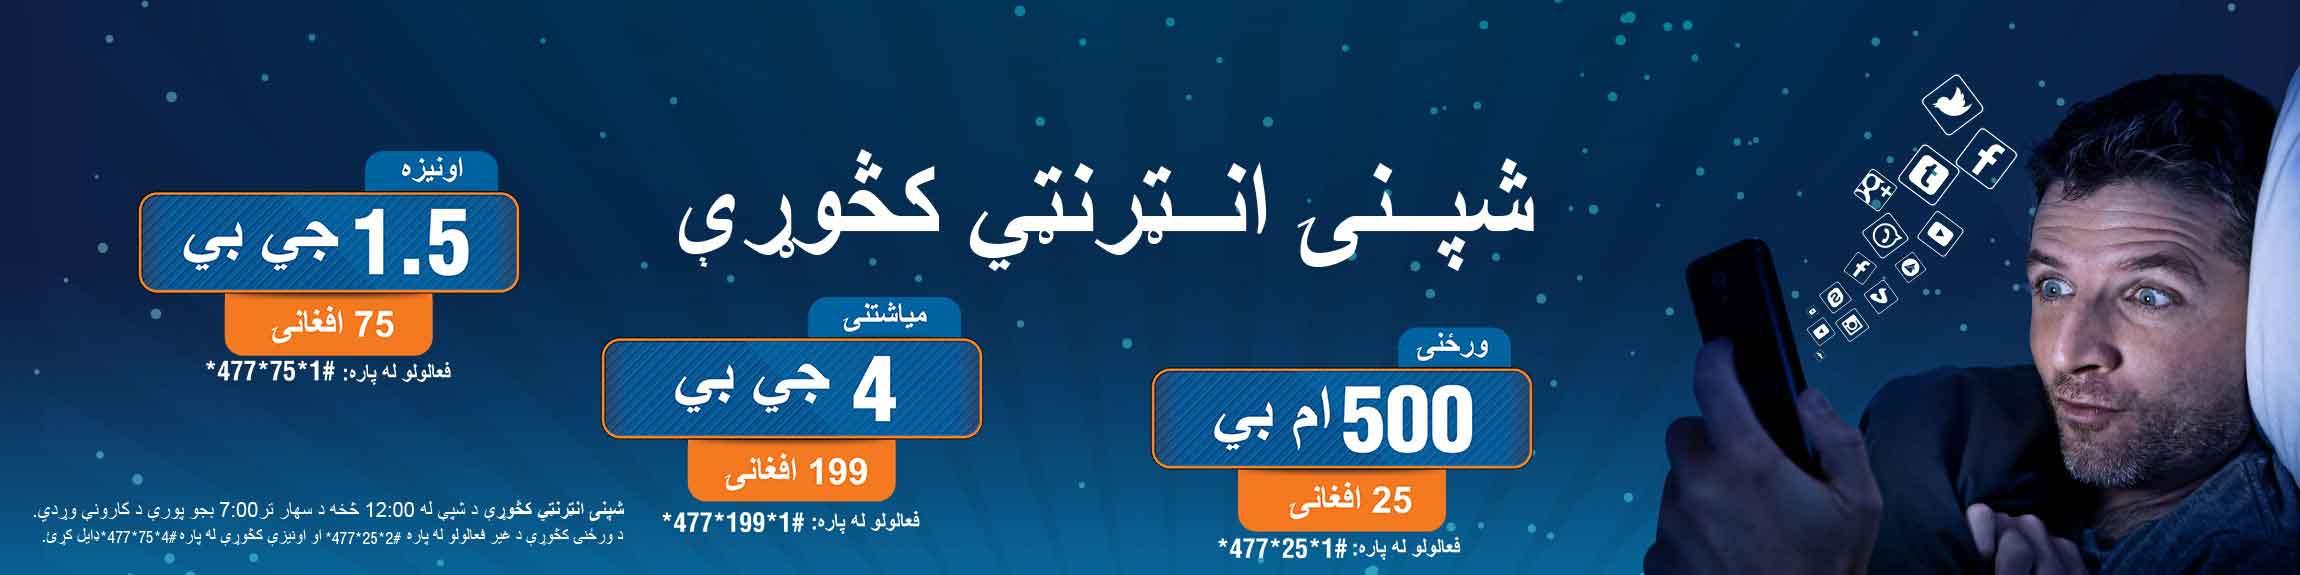 nightFor-Website-Pashto-1